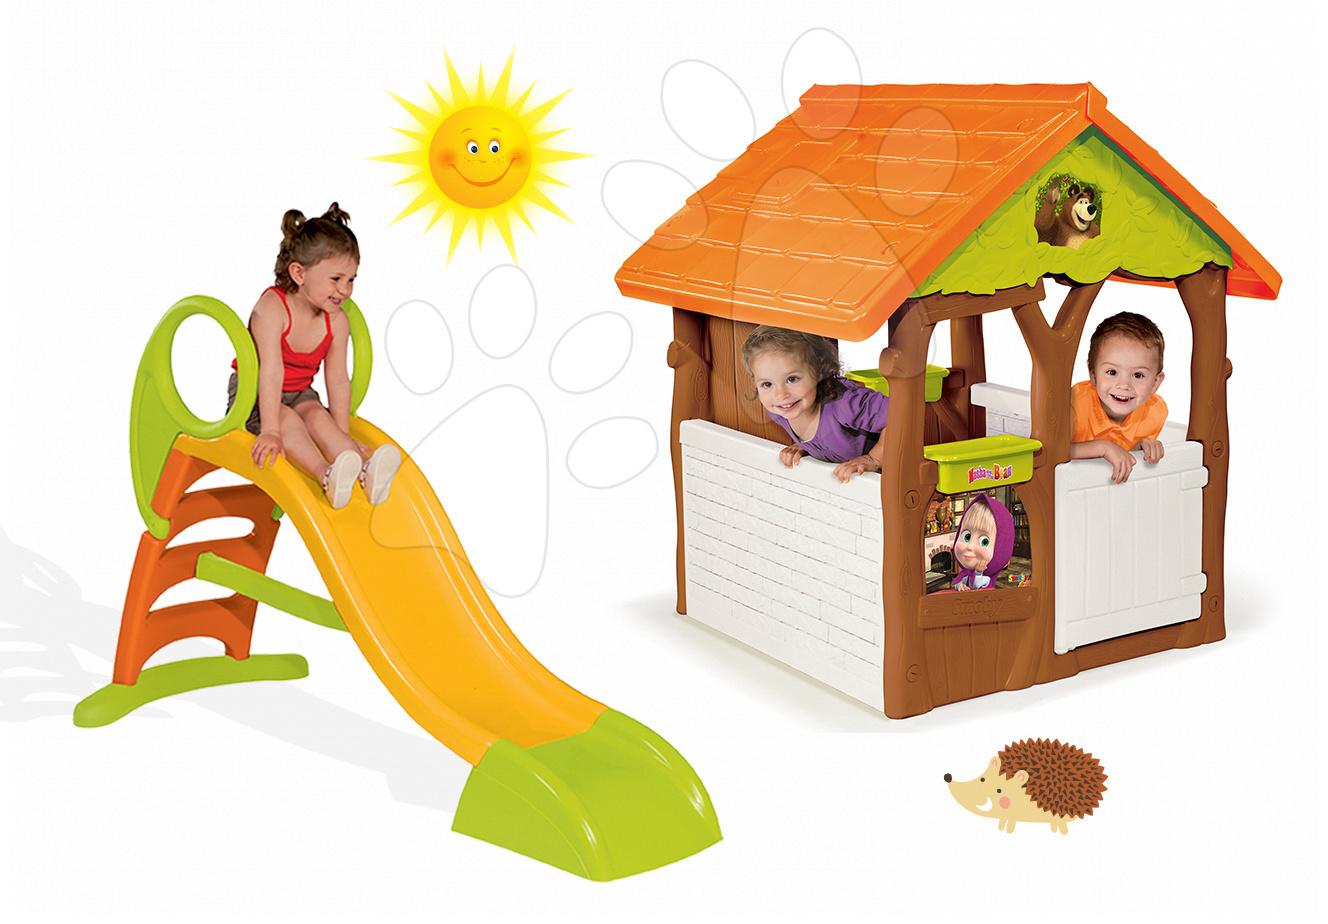 Domčeky so šmykľavkou - Set domček Máša a medveď Smoby s kvetináčom a šmykľavka Toboggan KS s dĺžkou 150 cm od 24 mes